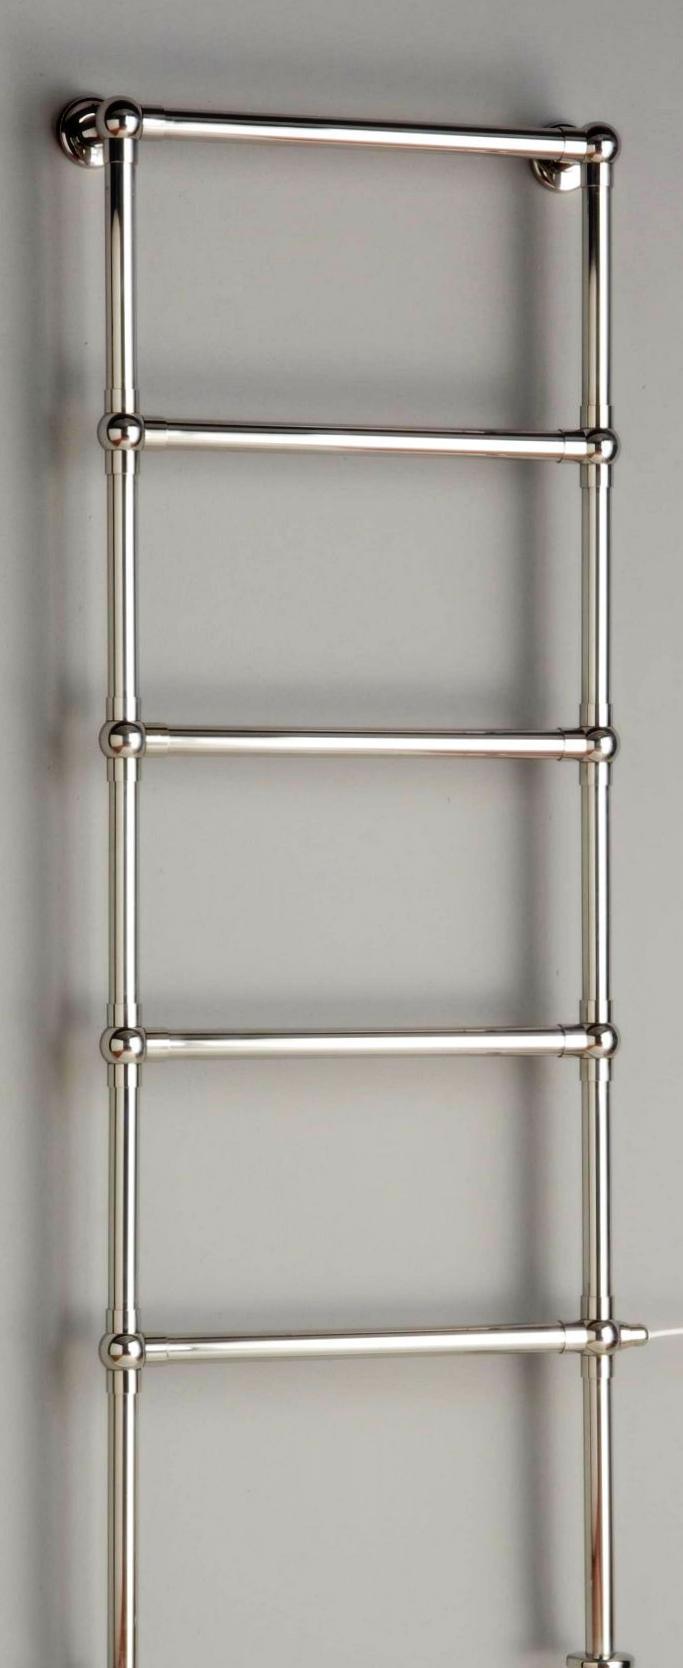 badheizk rper elektrisch edelstahl hohe qualit t. Black Bedroom Furniture Sets. Home Design Ideas